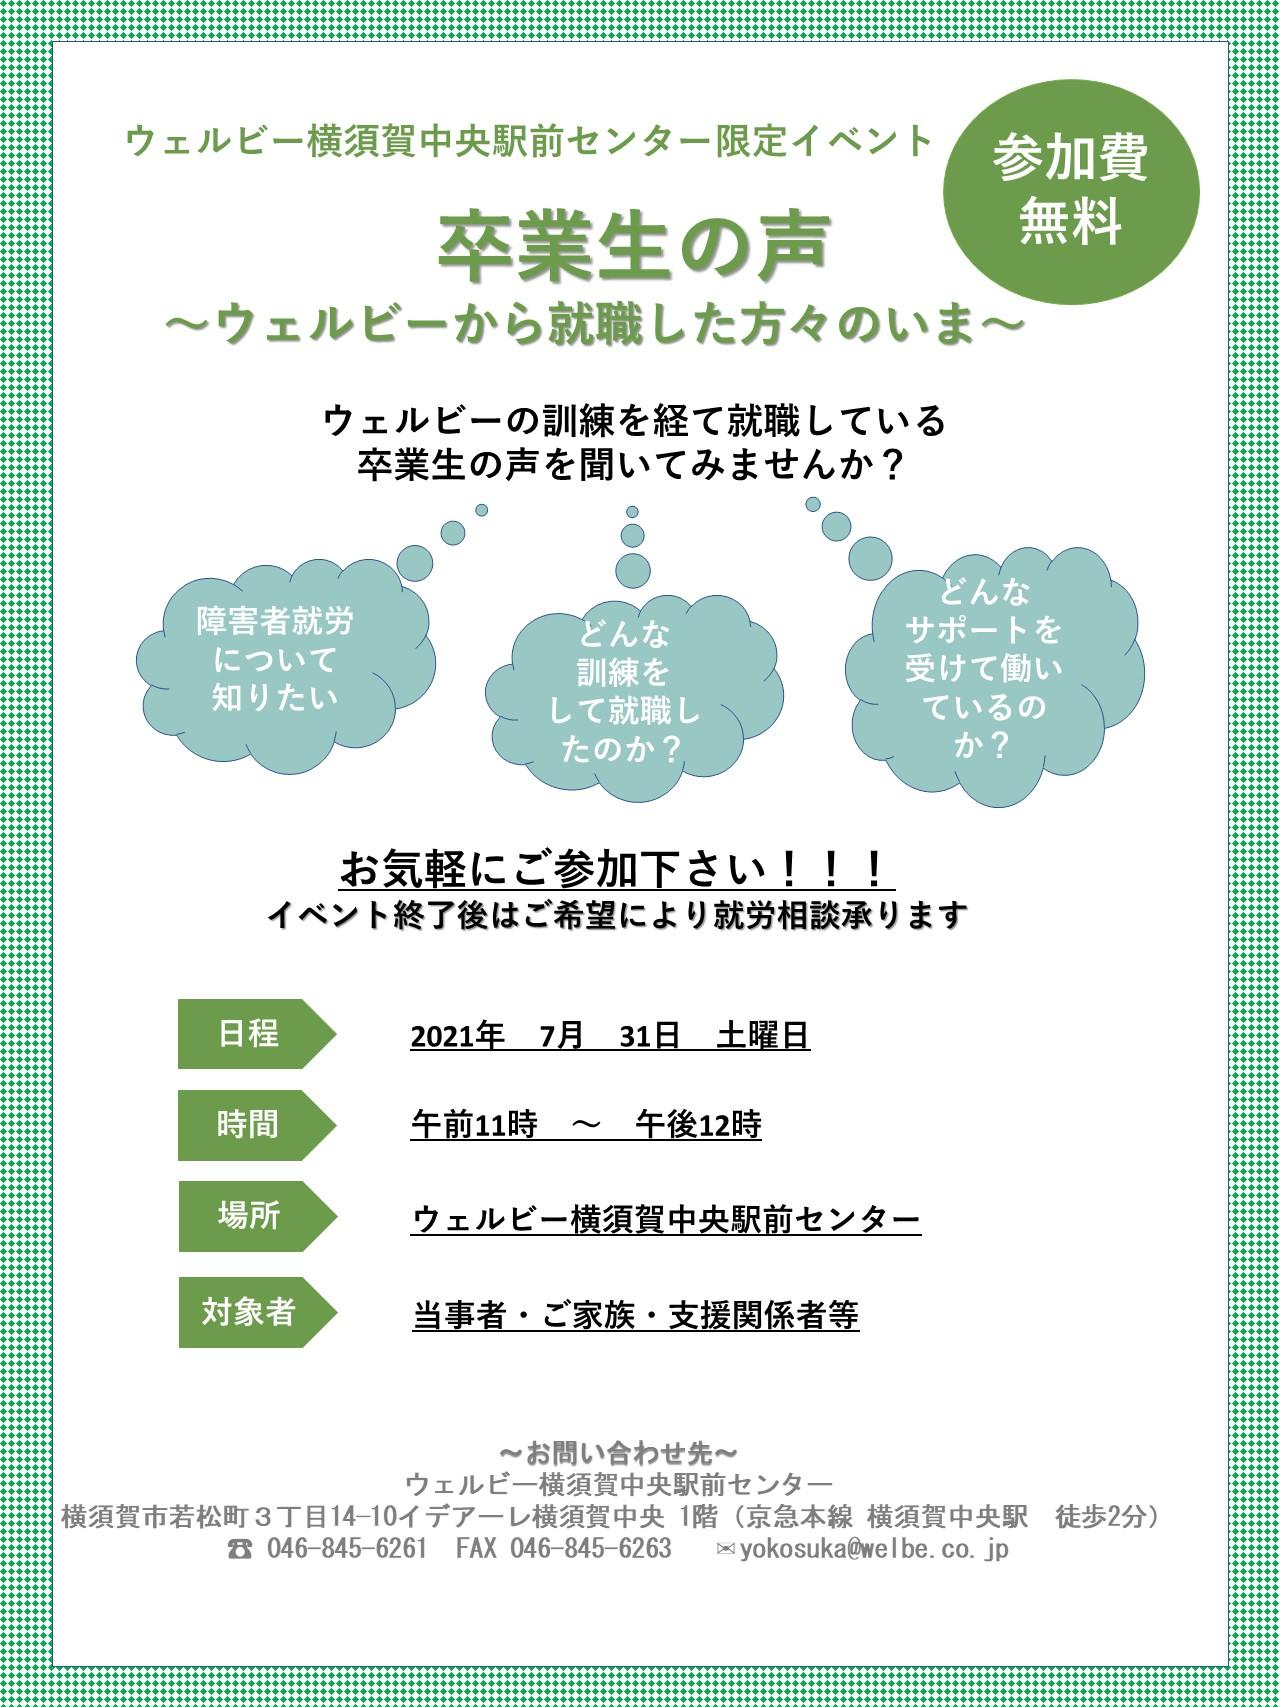 【横須賀】ブログ画像20210708